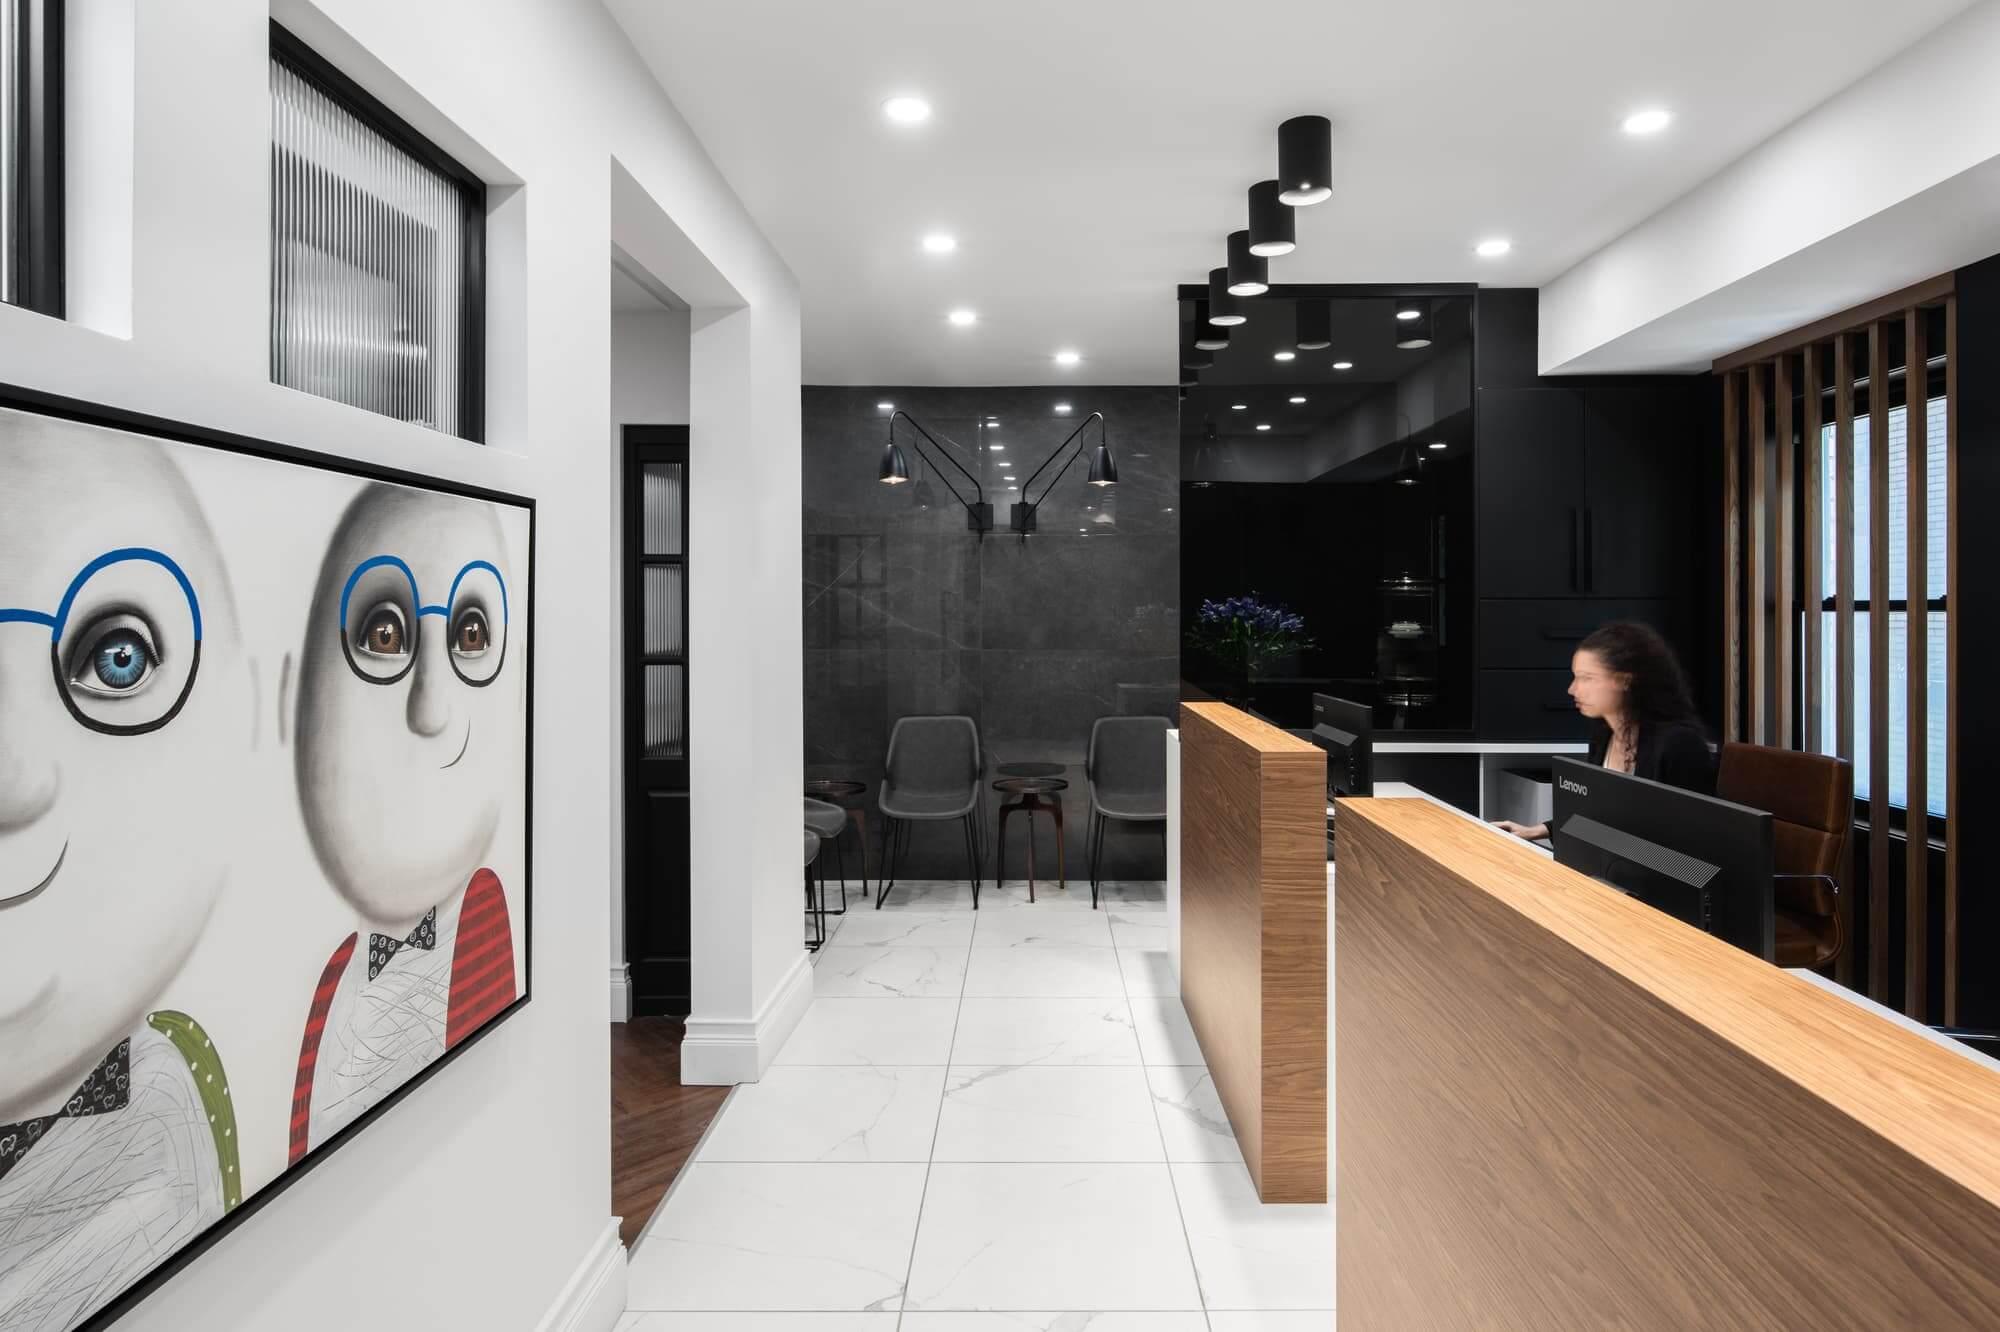 Réception d'une clinique dentaire à Montréal avec comptoirs en bois pâle, céramique style marbre et oeuvre d'art - aménagement commercial